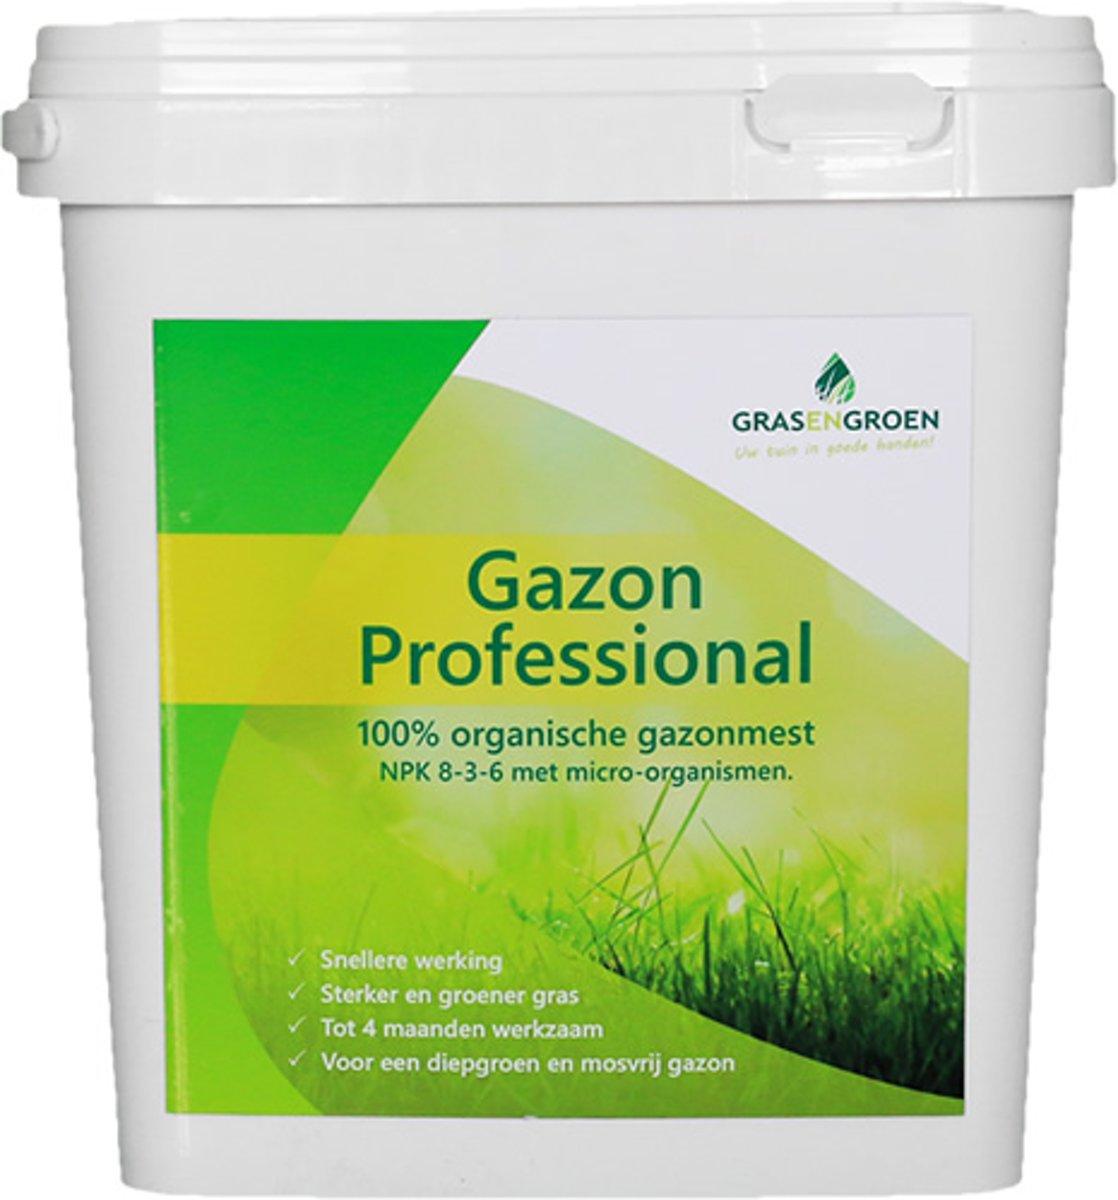 Gazonmest 3,5 kg voor 35 m² - Gazon Professional - 100% organisch